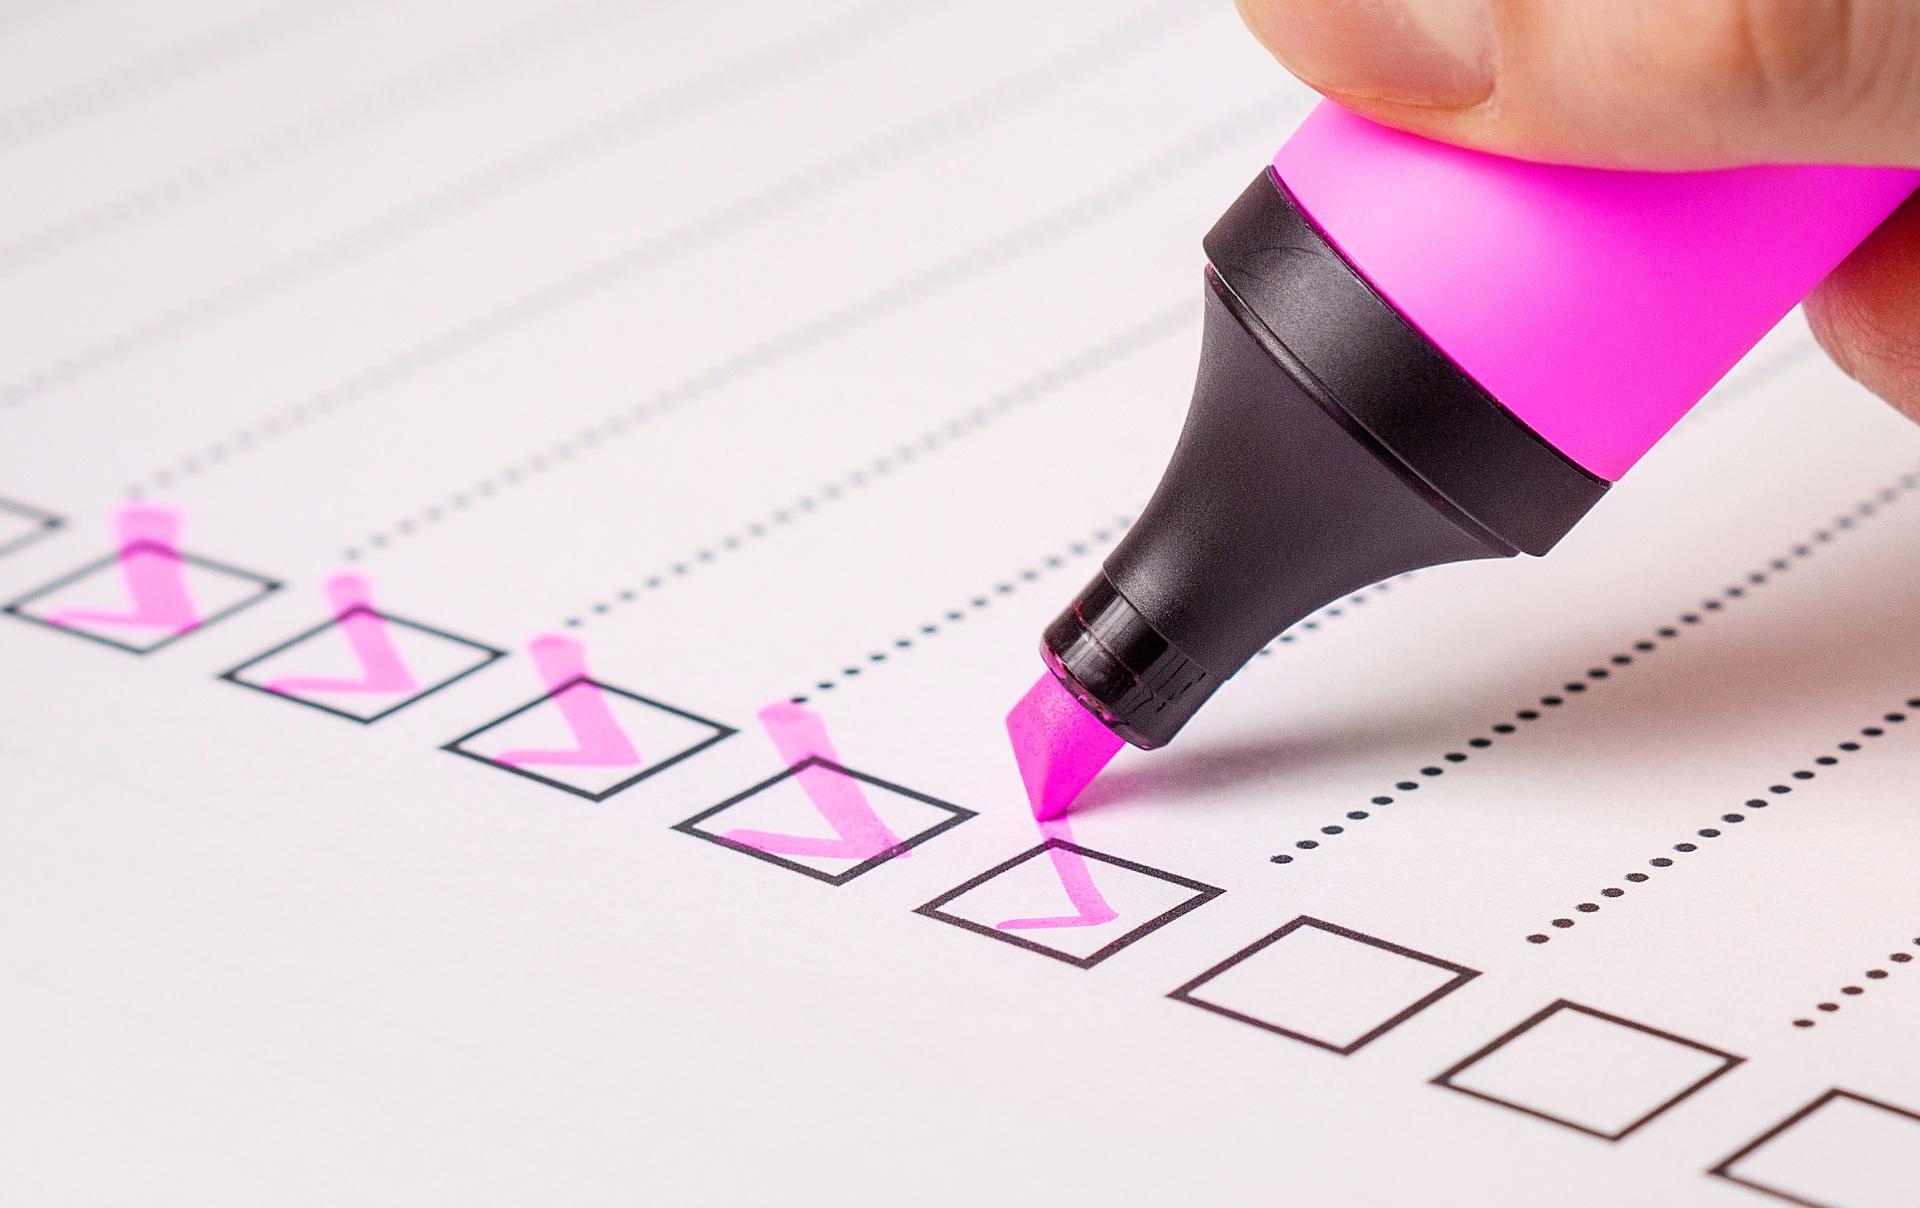 checklist-2077020_1920 kopia